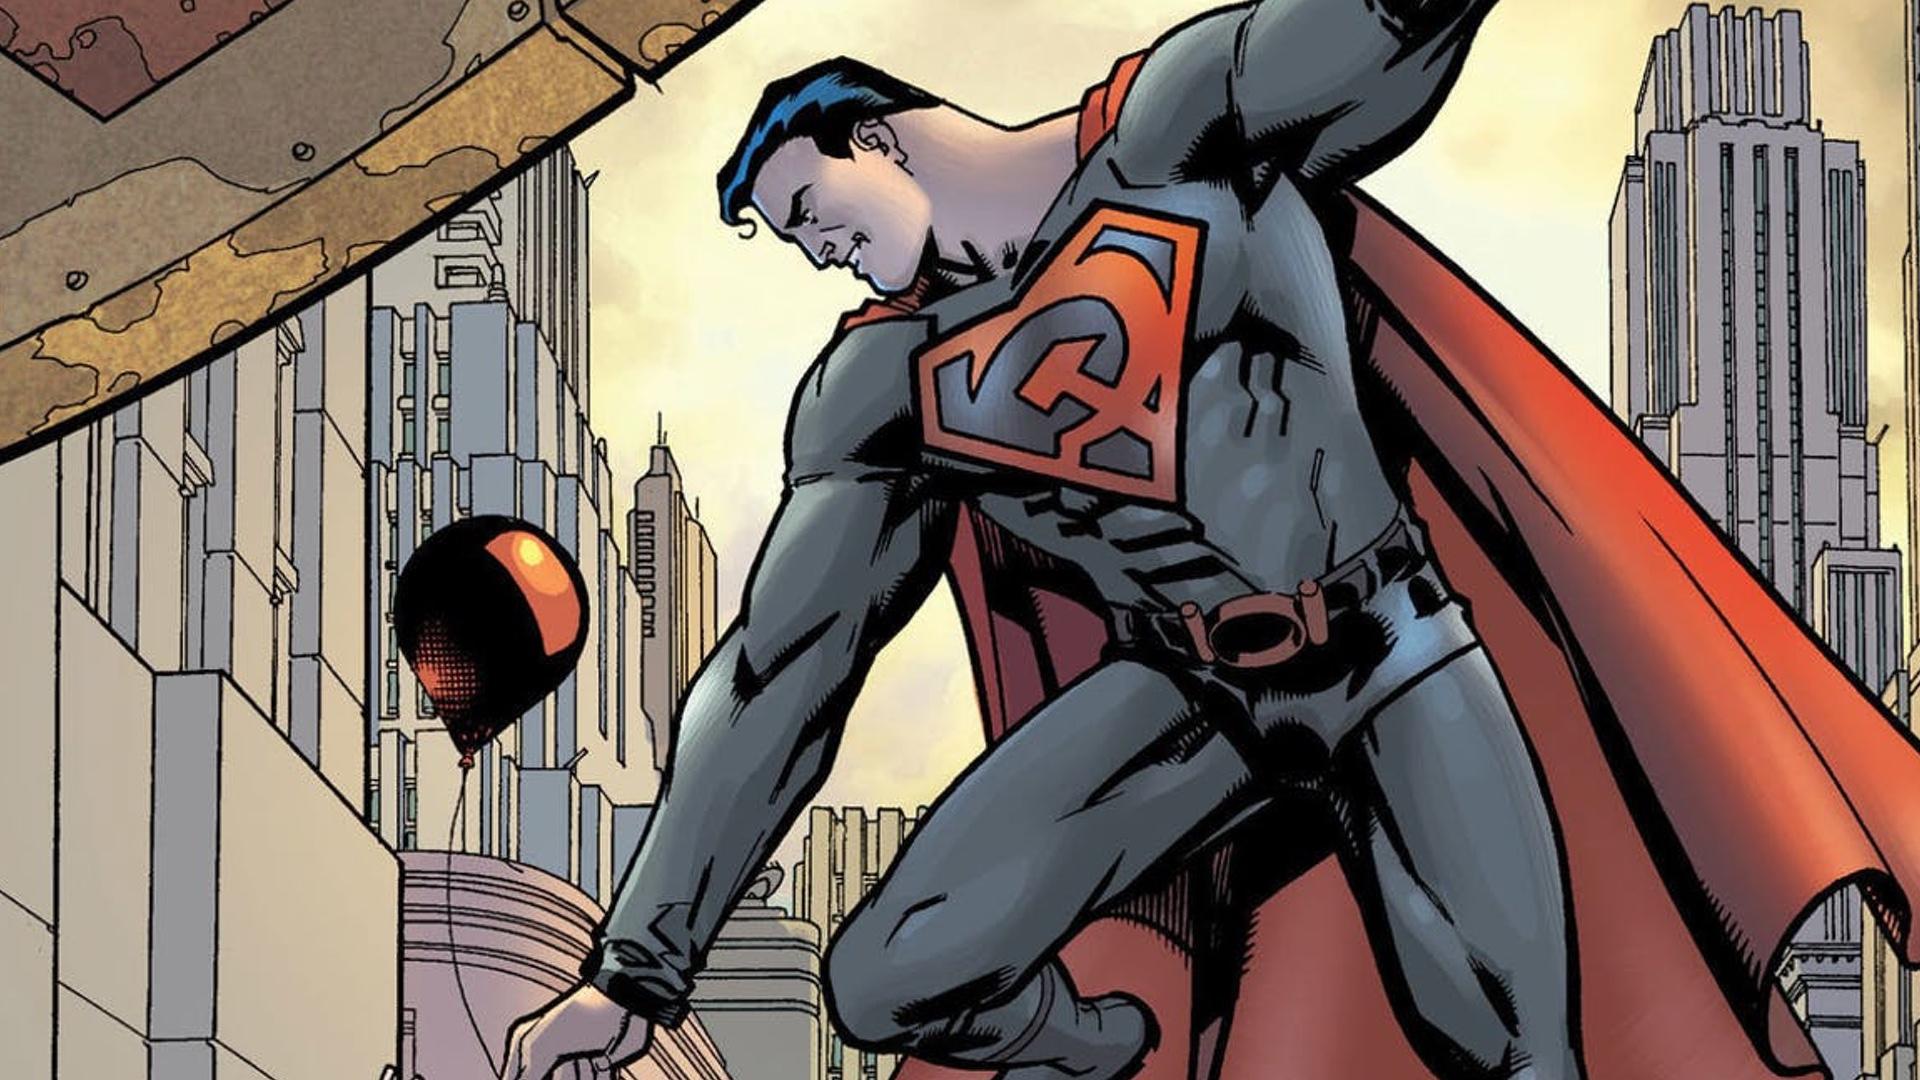 DC экранизирует комикс «Супермен: Красный сын» в виде мультфильма — релиз в 2020-м